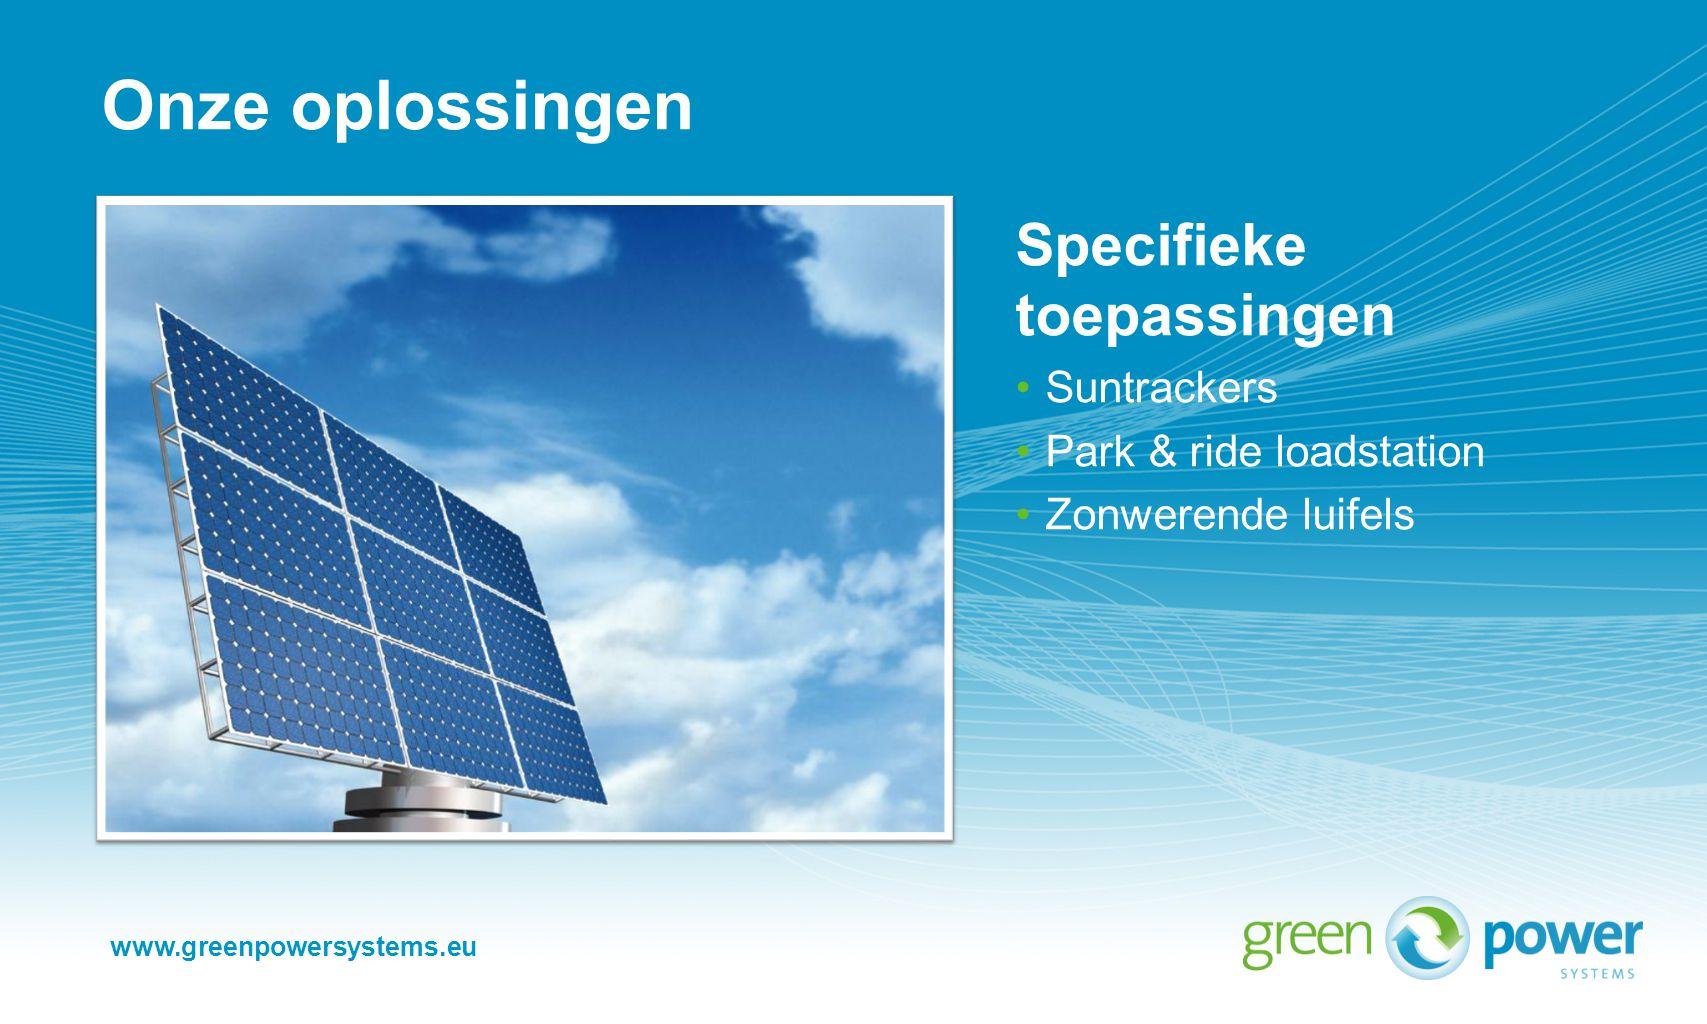 Onze oplossingen Specifieke toepassingen Suntrackers